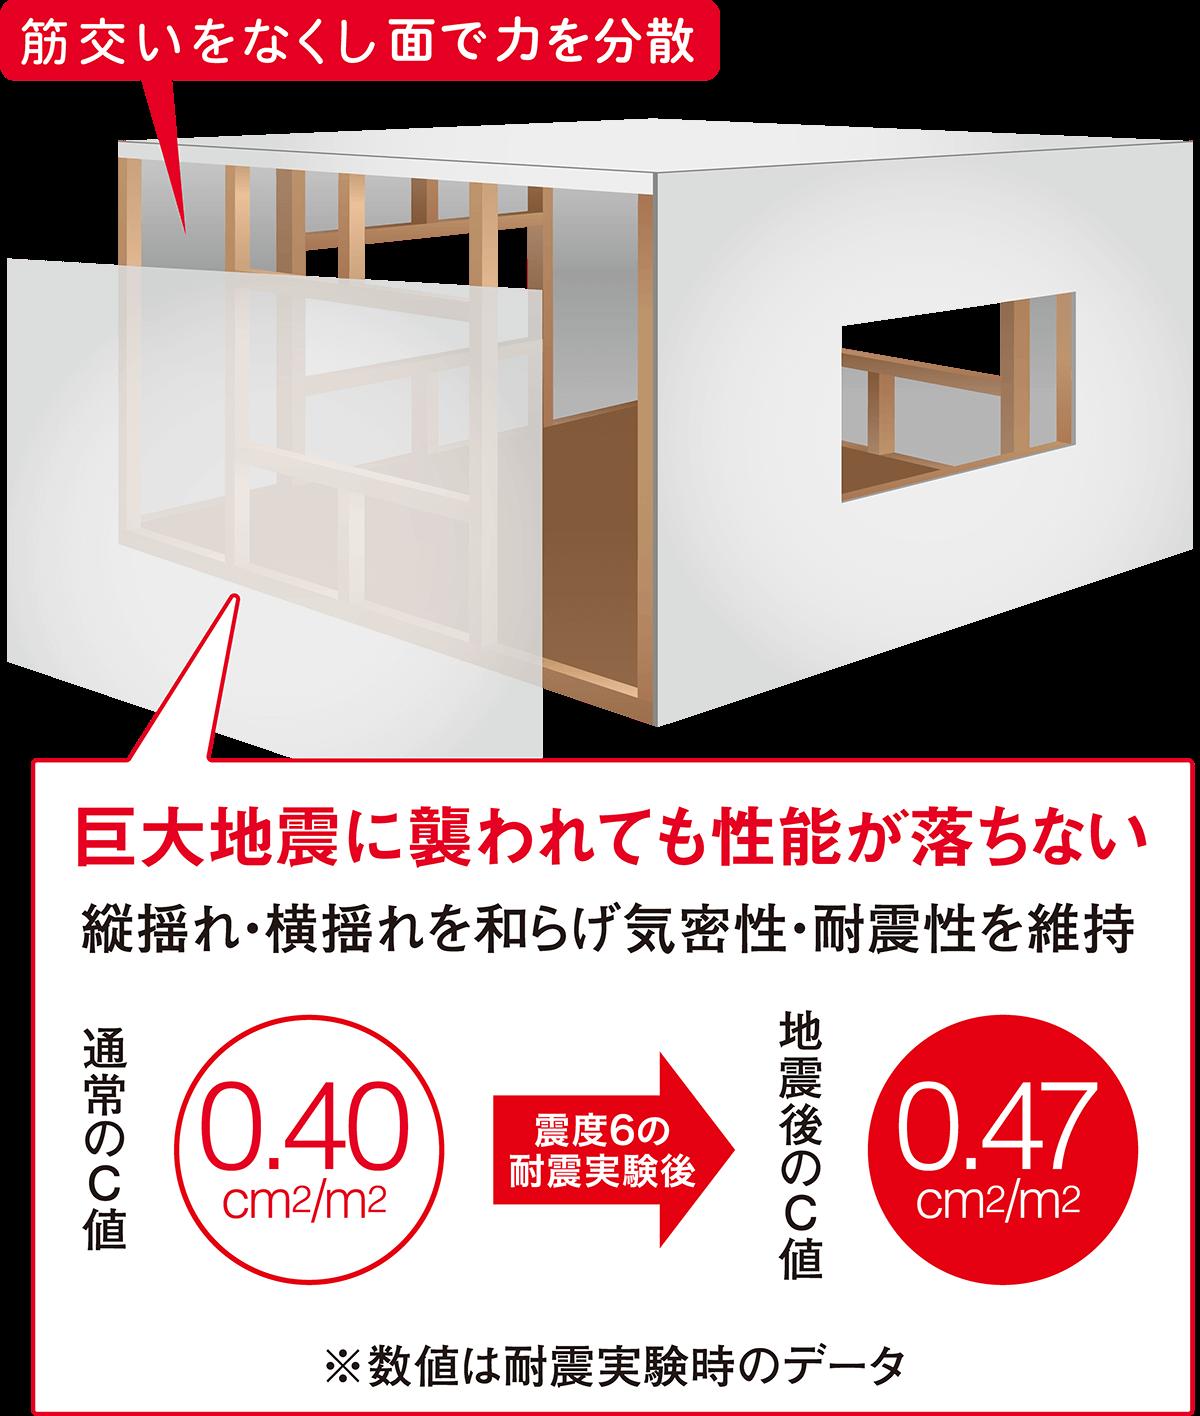 特許スモリ工法【強度編】